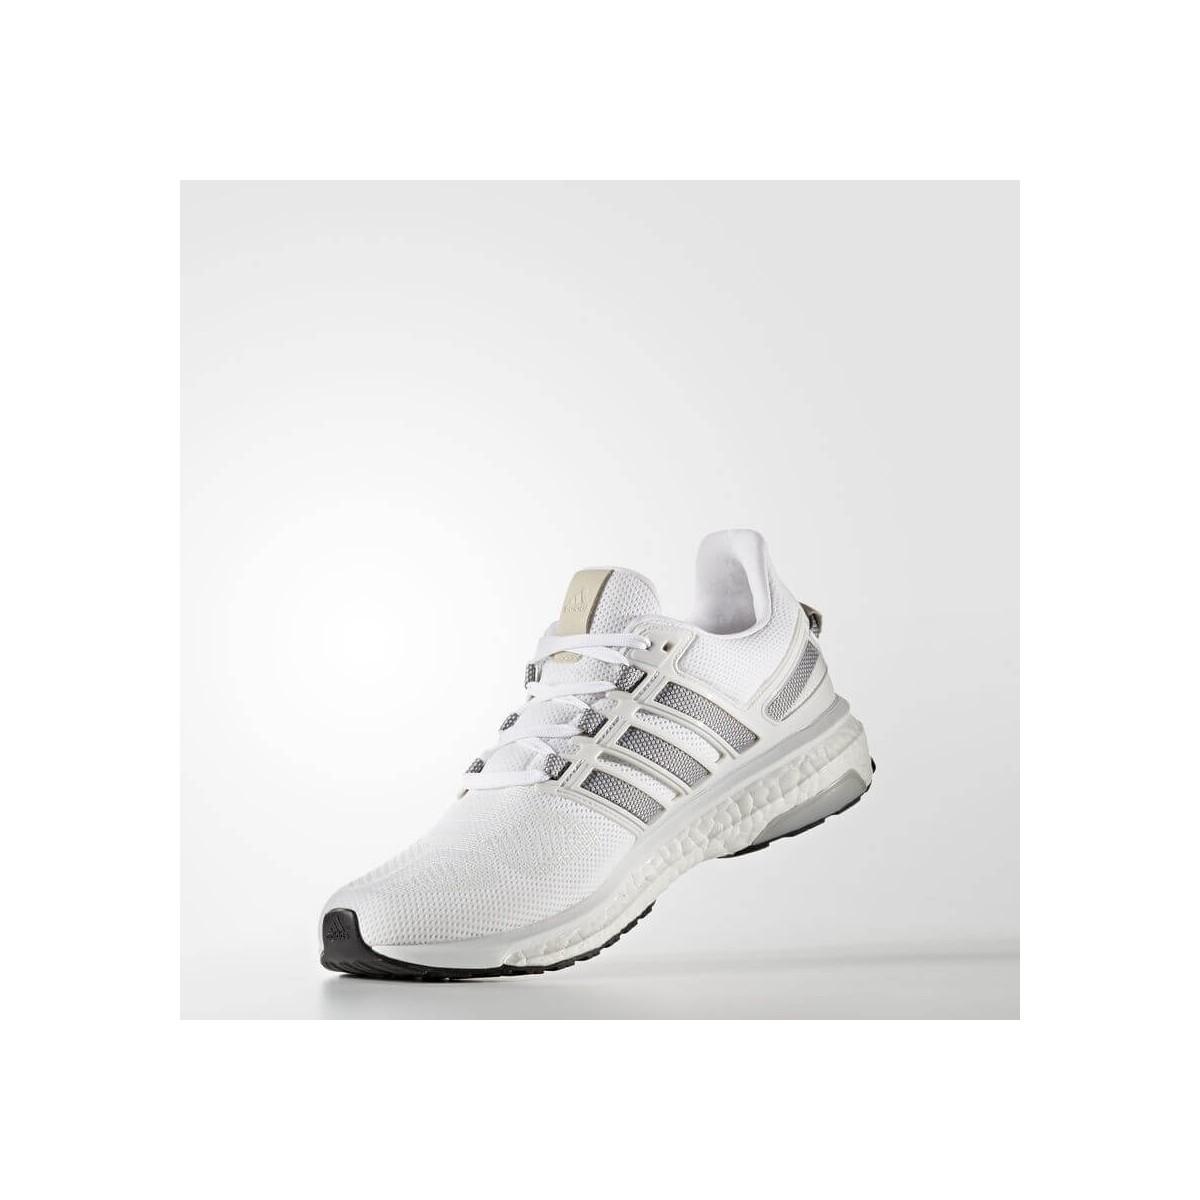 e0ad77e46ac84 Zapatillas Adidas Energy Boost 3 para hombre OI17